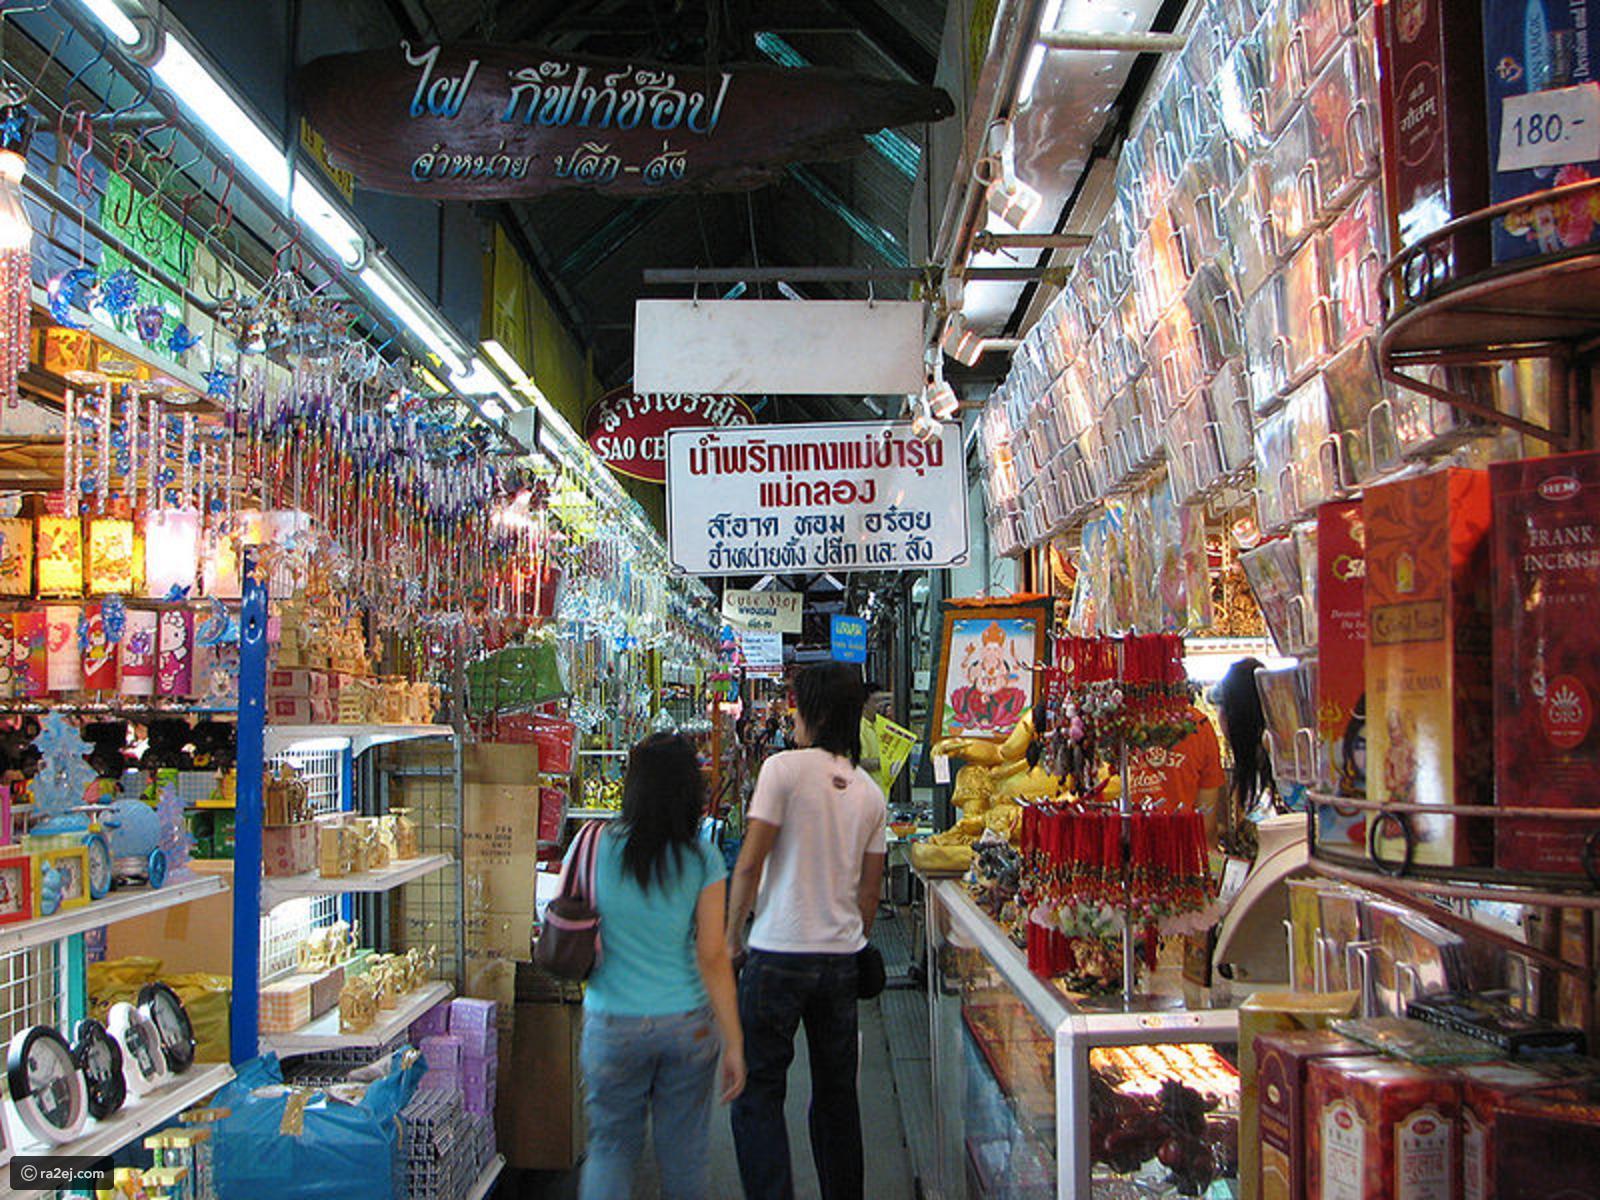 صور-أشهر-10-أسواق-تجارية-في-العالم-1191024